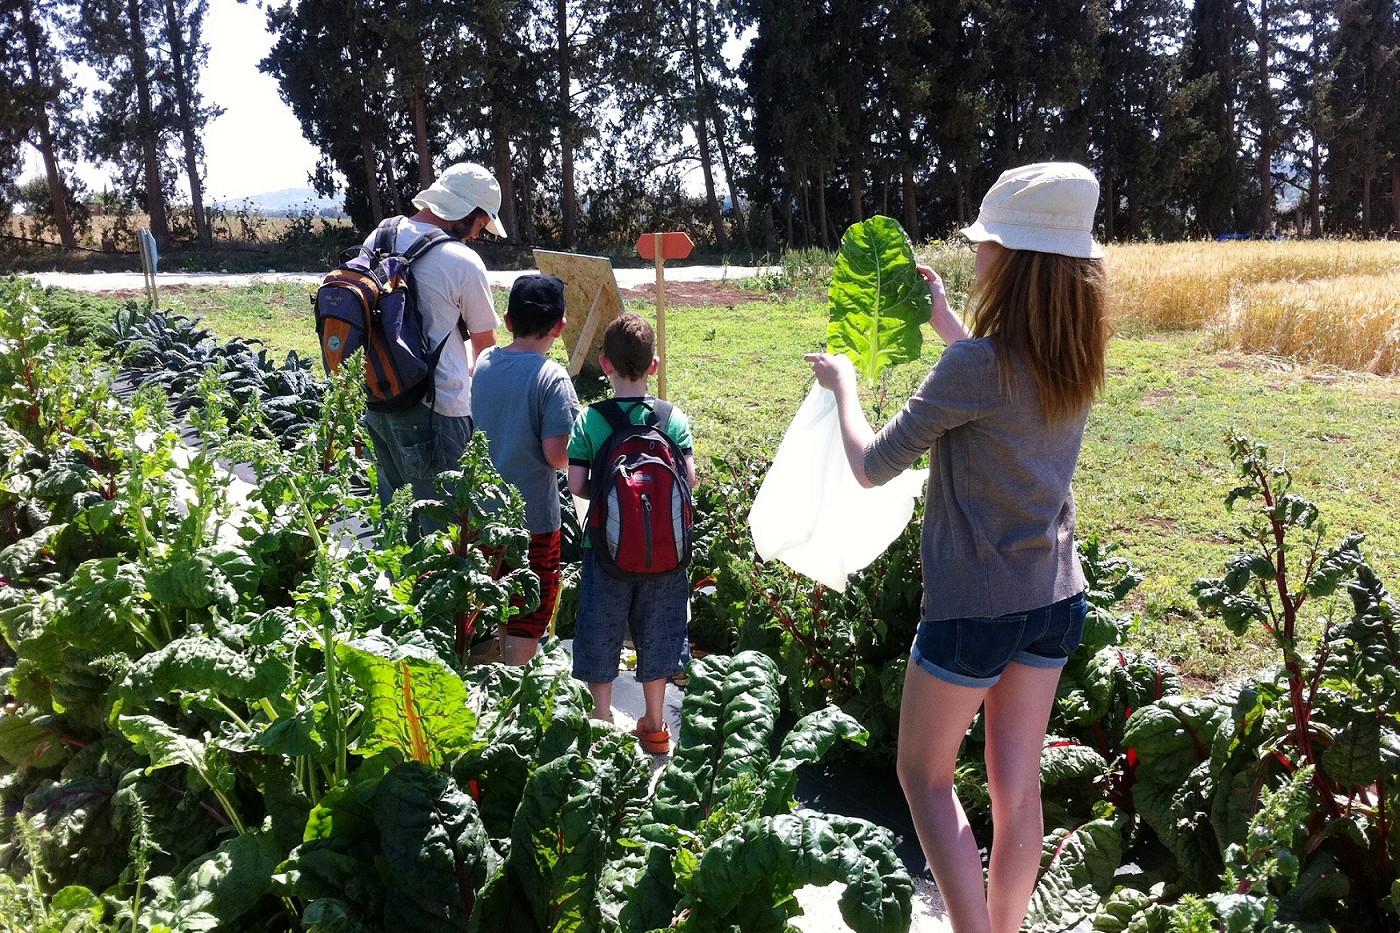 קטיף עצמי של ירקות אורגניים לפי העונה